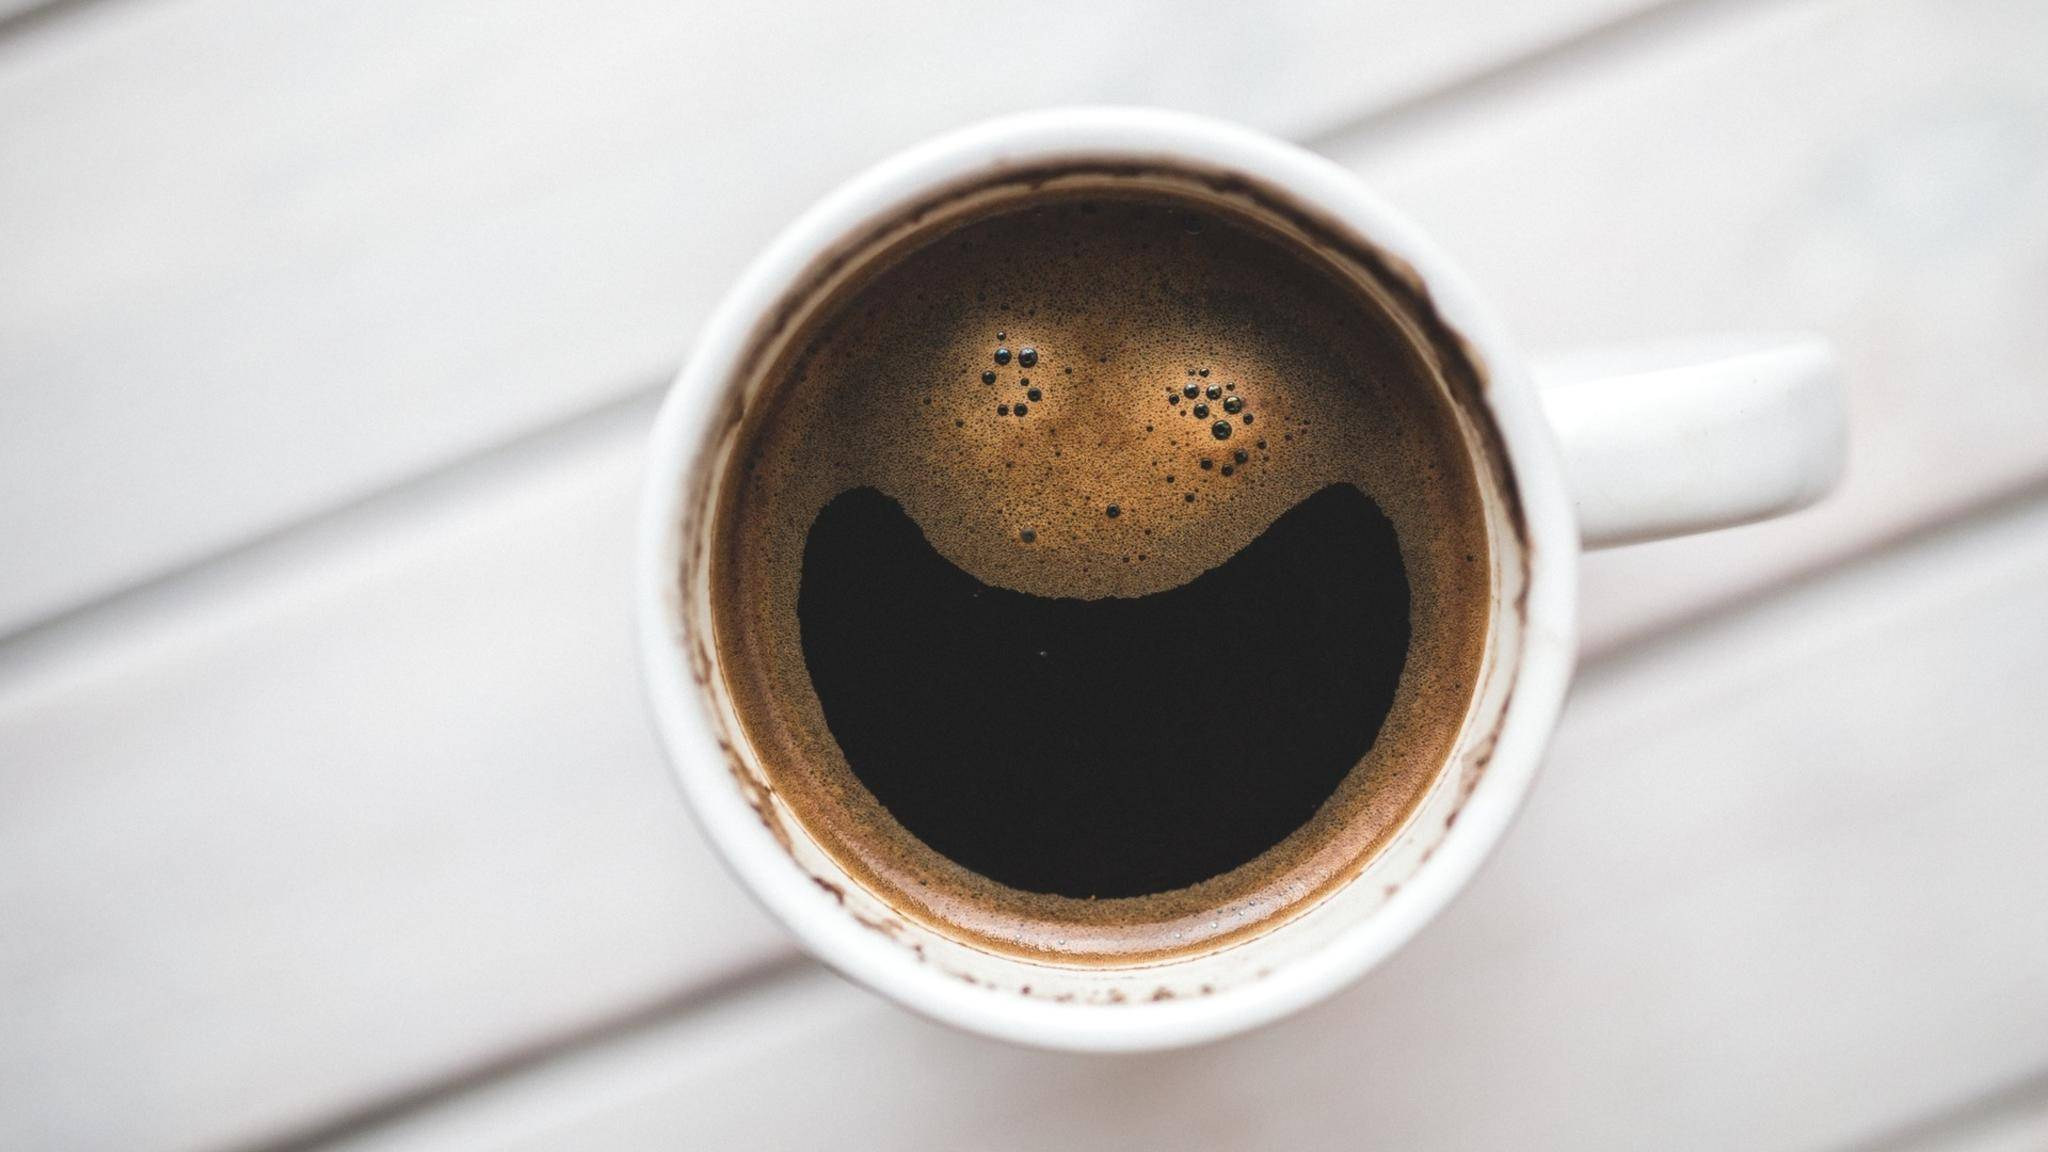 Kaffee ist nicht so schlecht wie sein Ruf. In Maßen genossen kann er der Gesundheit sogar Gutes tun.